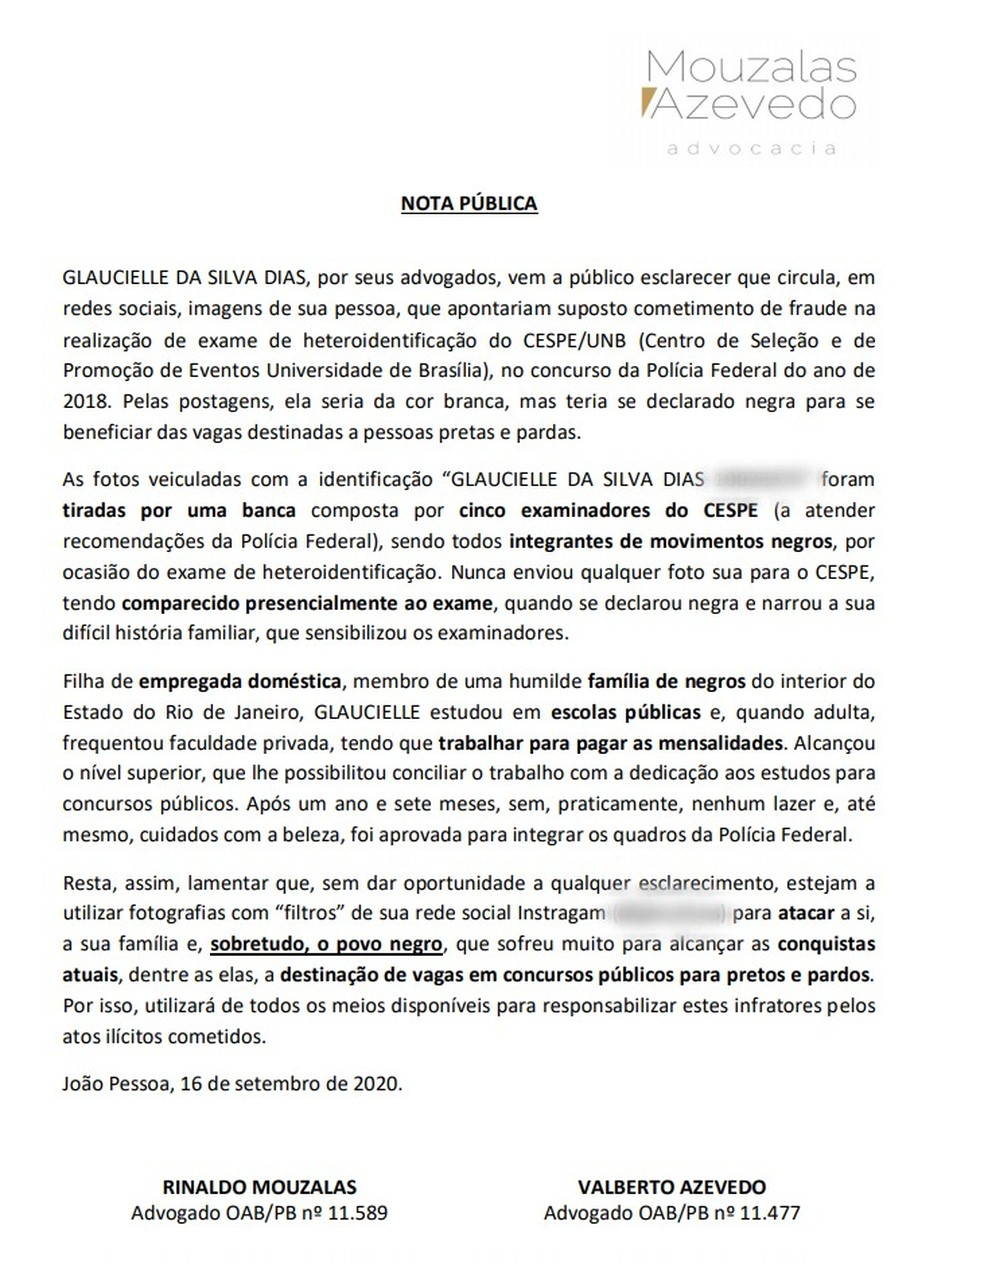 Advogados de Glaucielle Dias emitiram nota onde afirmaram que ela é 'filha de empregada doméstica, membro de uma humilde família de negros do interior do Rio de Janeiro'  — Foto: Reprodução